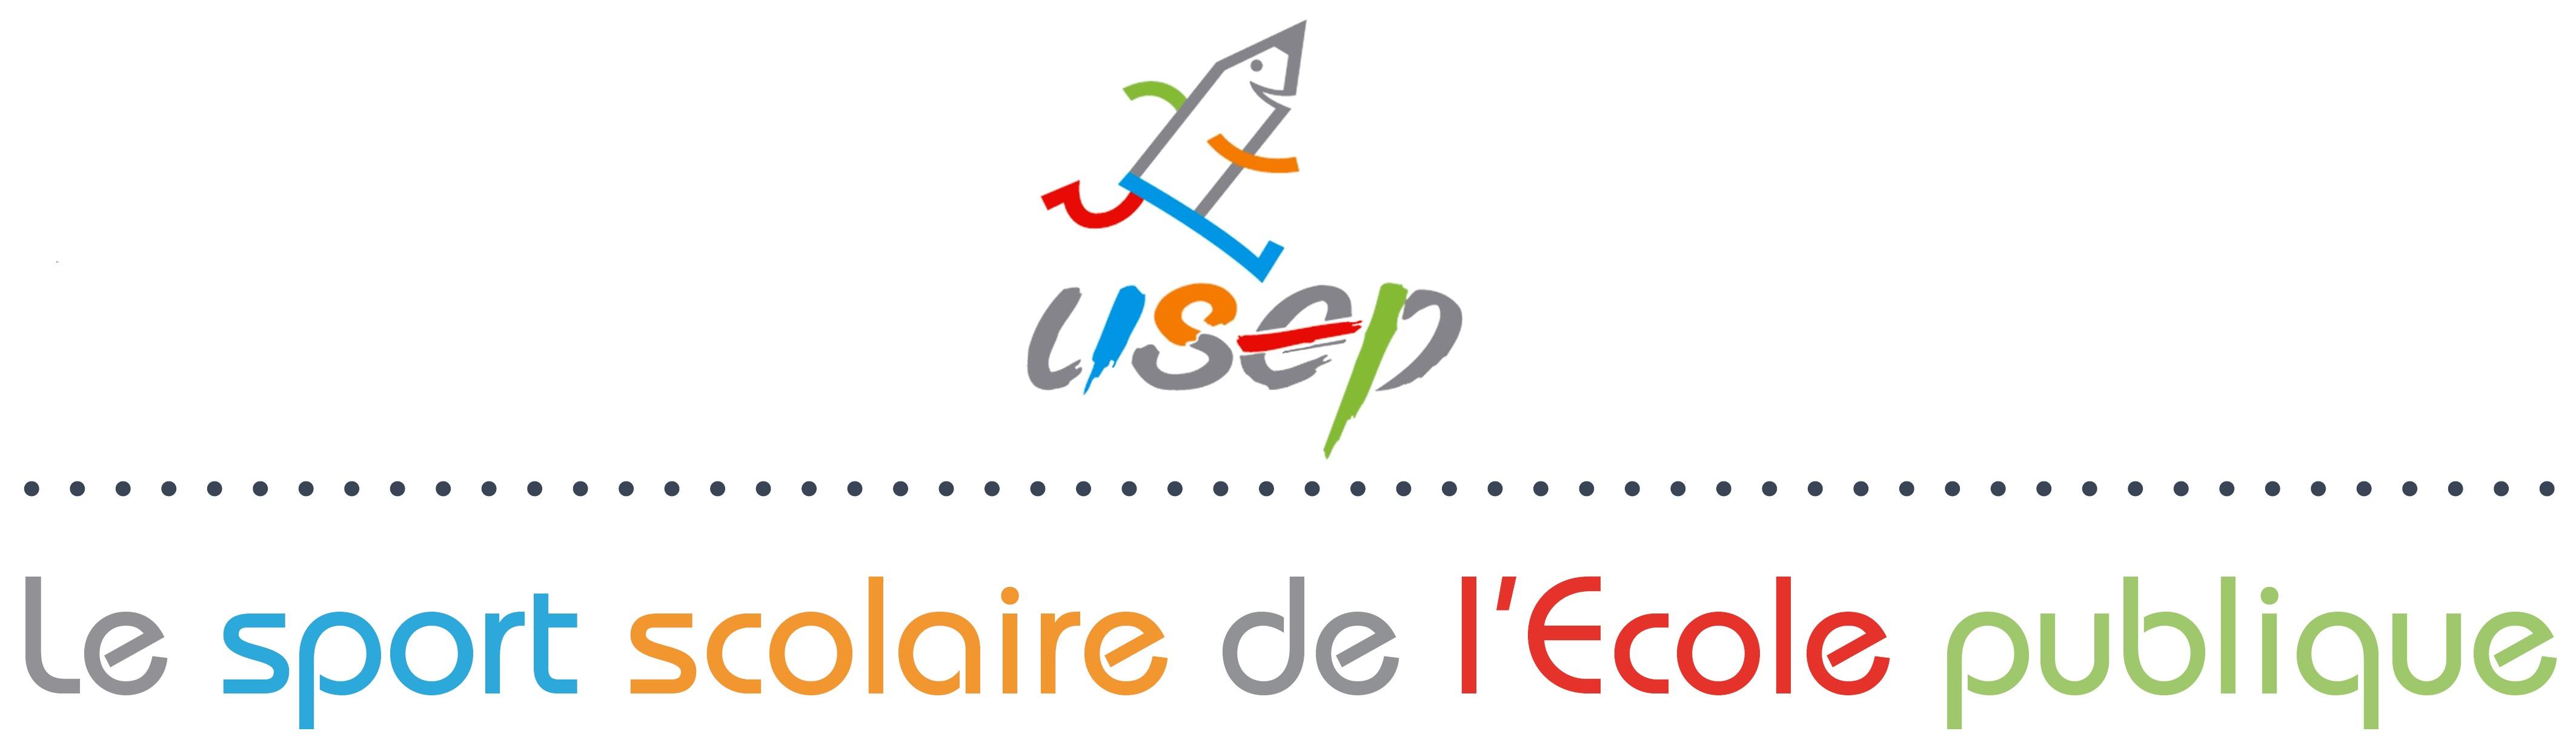 Union Sportive de l'Enseignement du 1er degré du Loiret